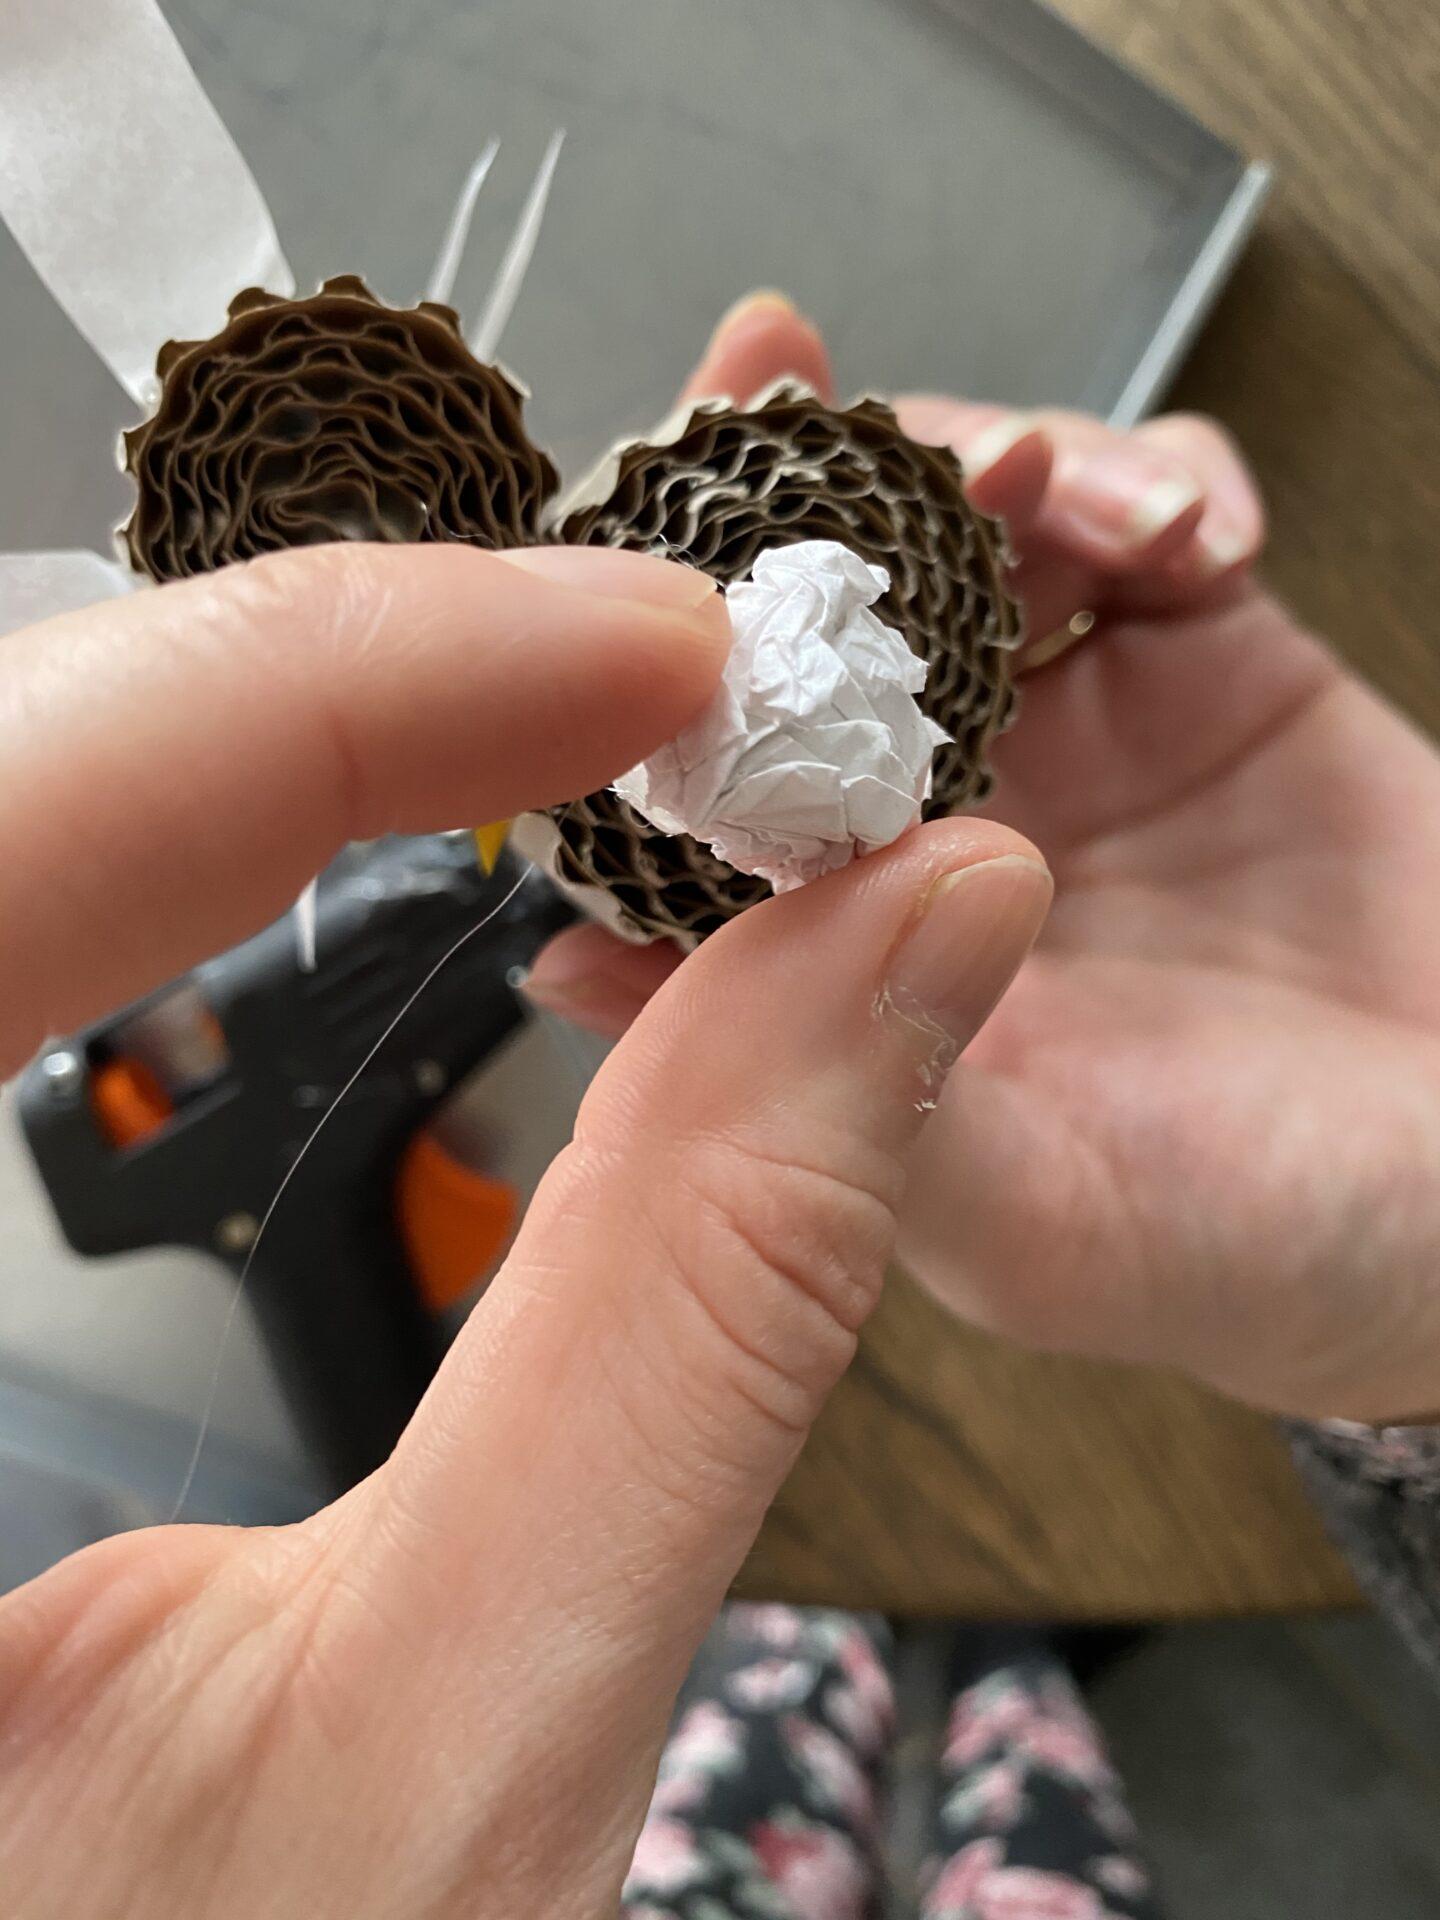 Hale af silkepapir til påskeharen af bølgepap